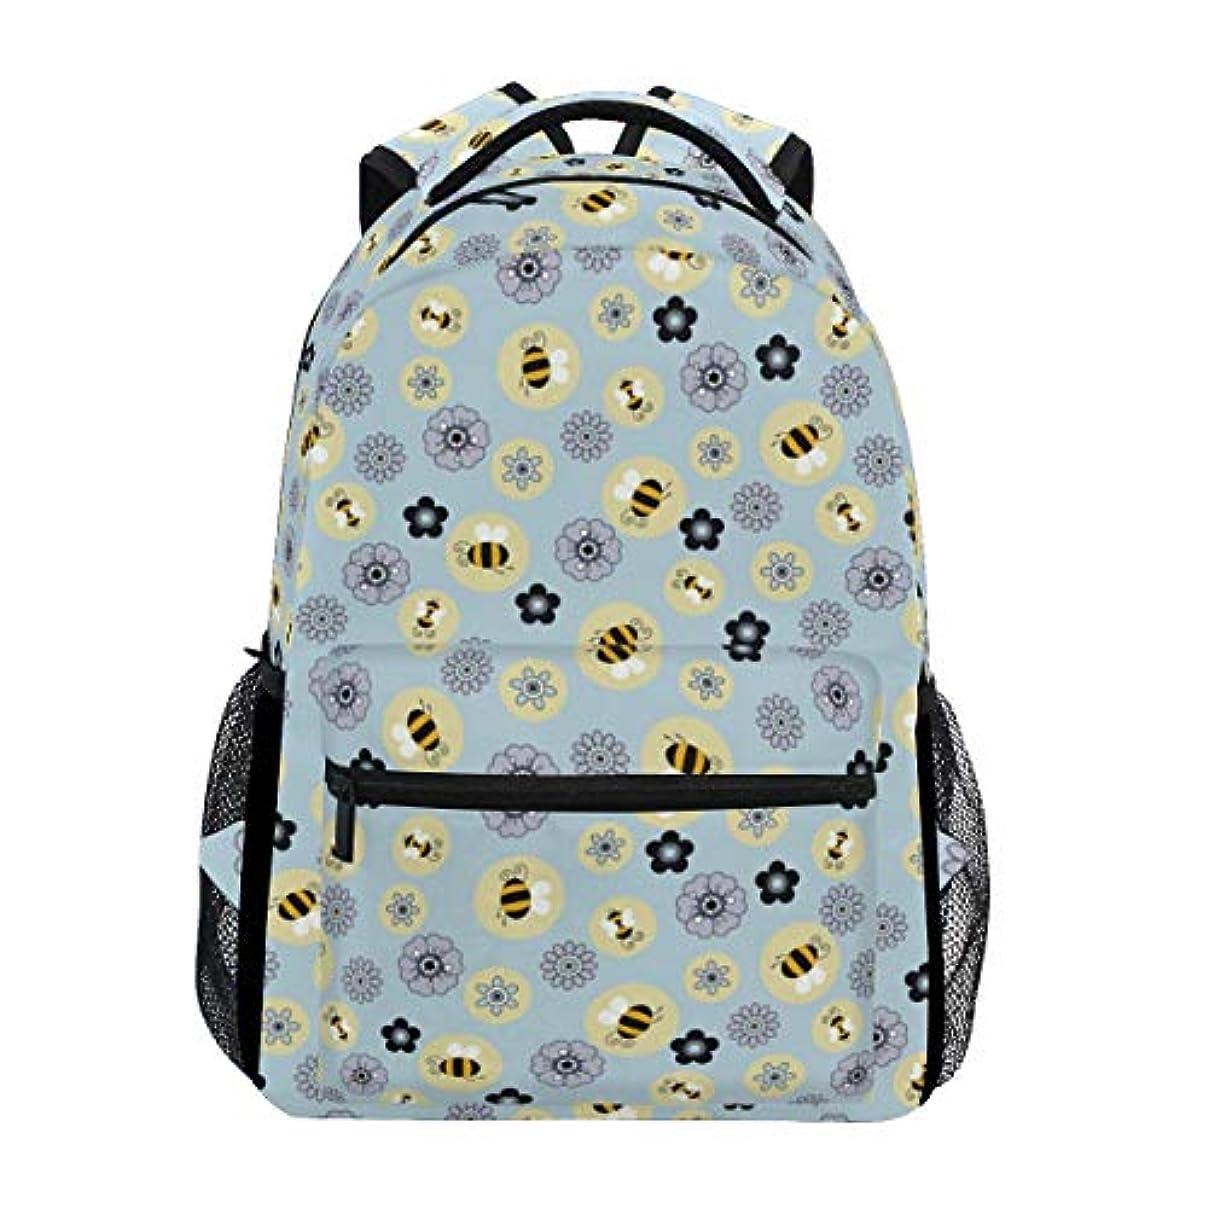 深さブラケットリフレッシュAnmumi リュックサック 学生 リュック 高校生 レディース バックパック 子供 蜂 花柄 大容量 通学 通勤リュック メンズ デイパック おしゃれ 人気 軽量 かわいい